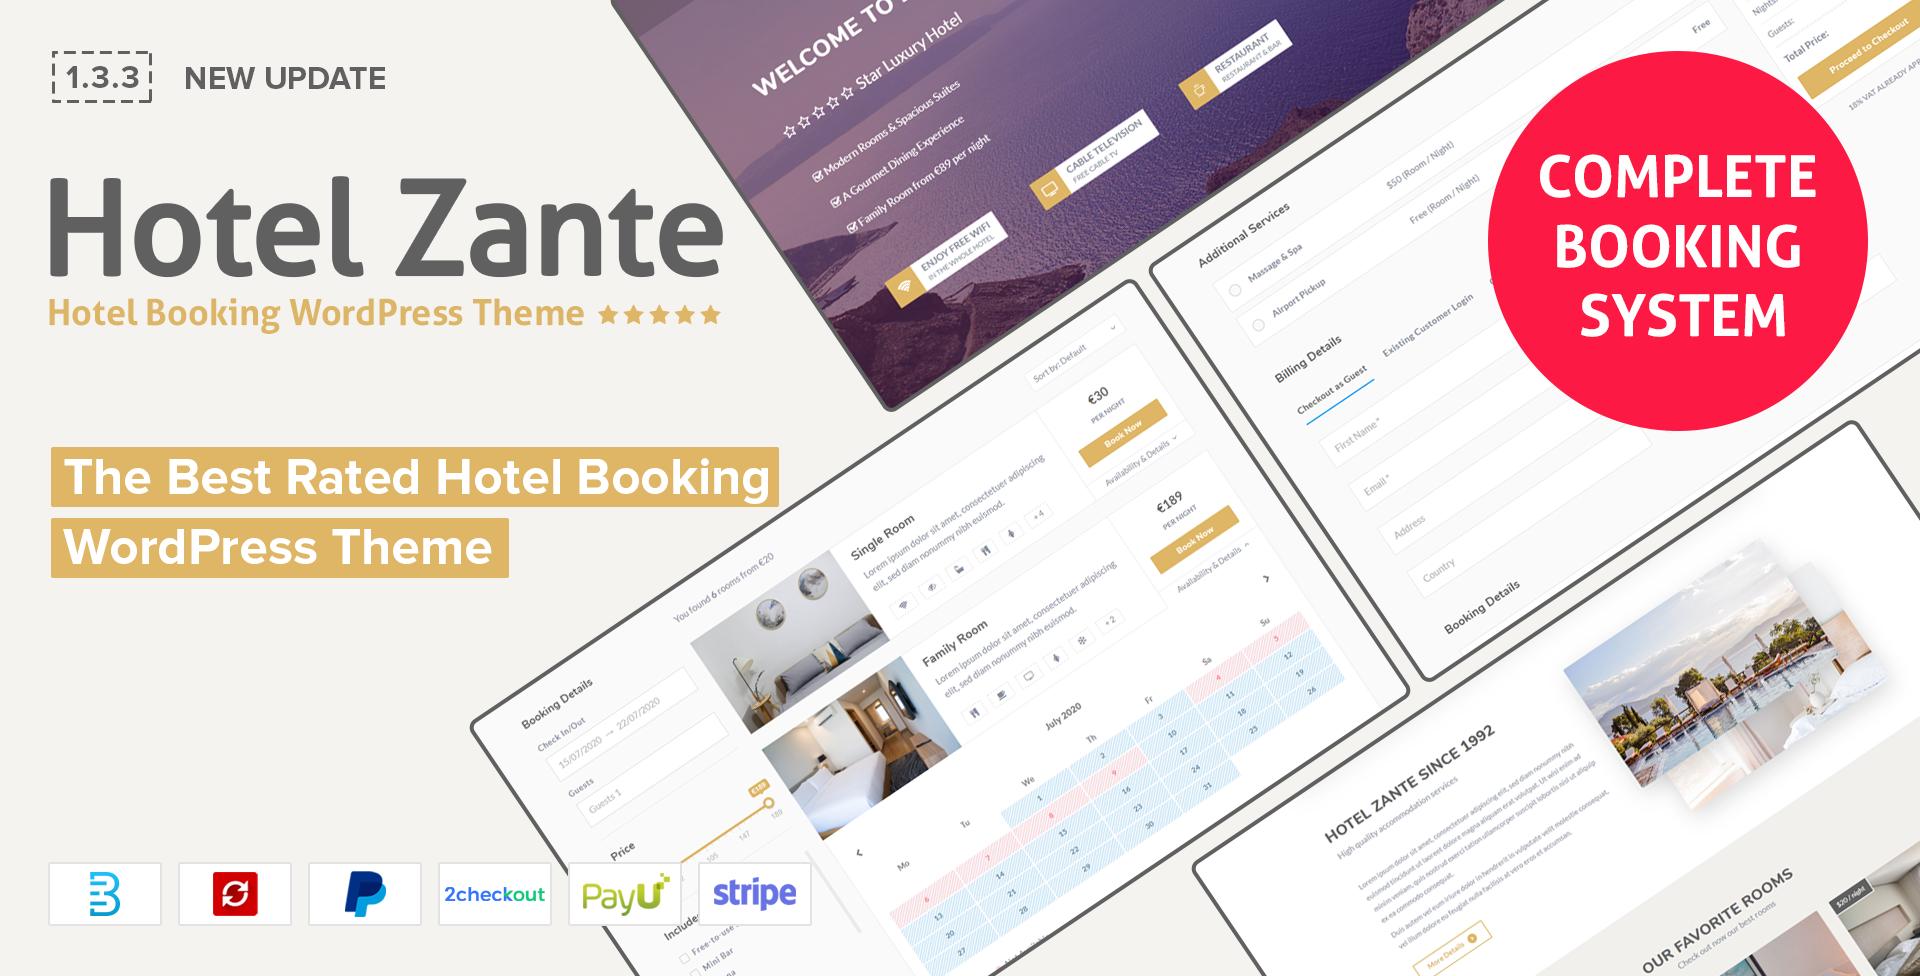 hotel zante i migliori temi wordpress per hotel